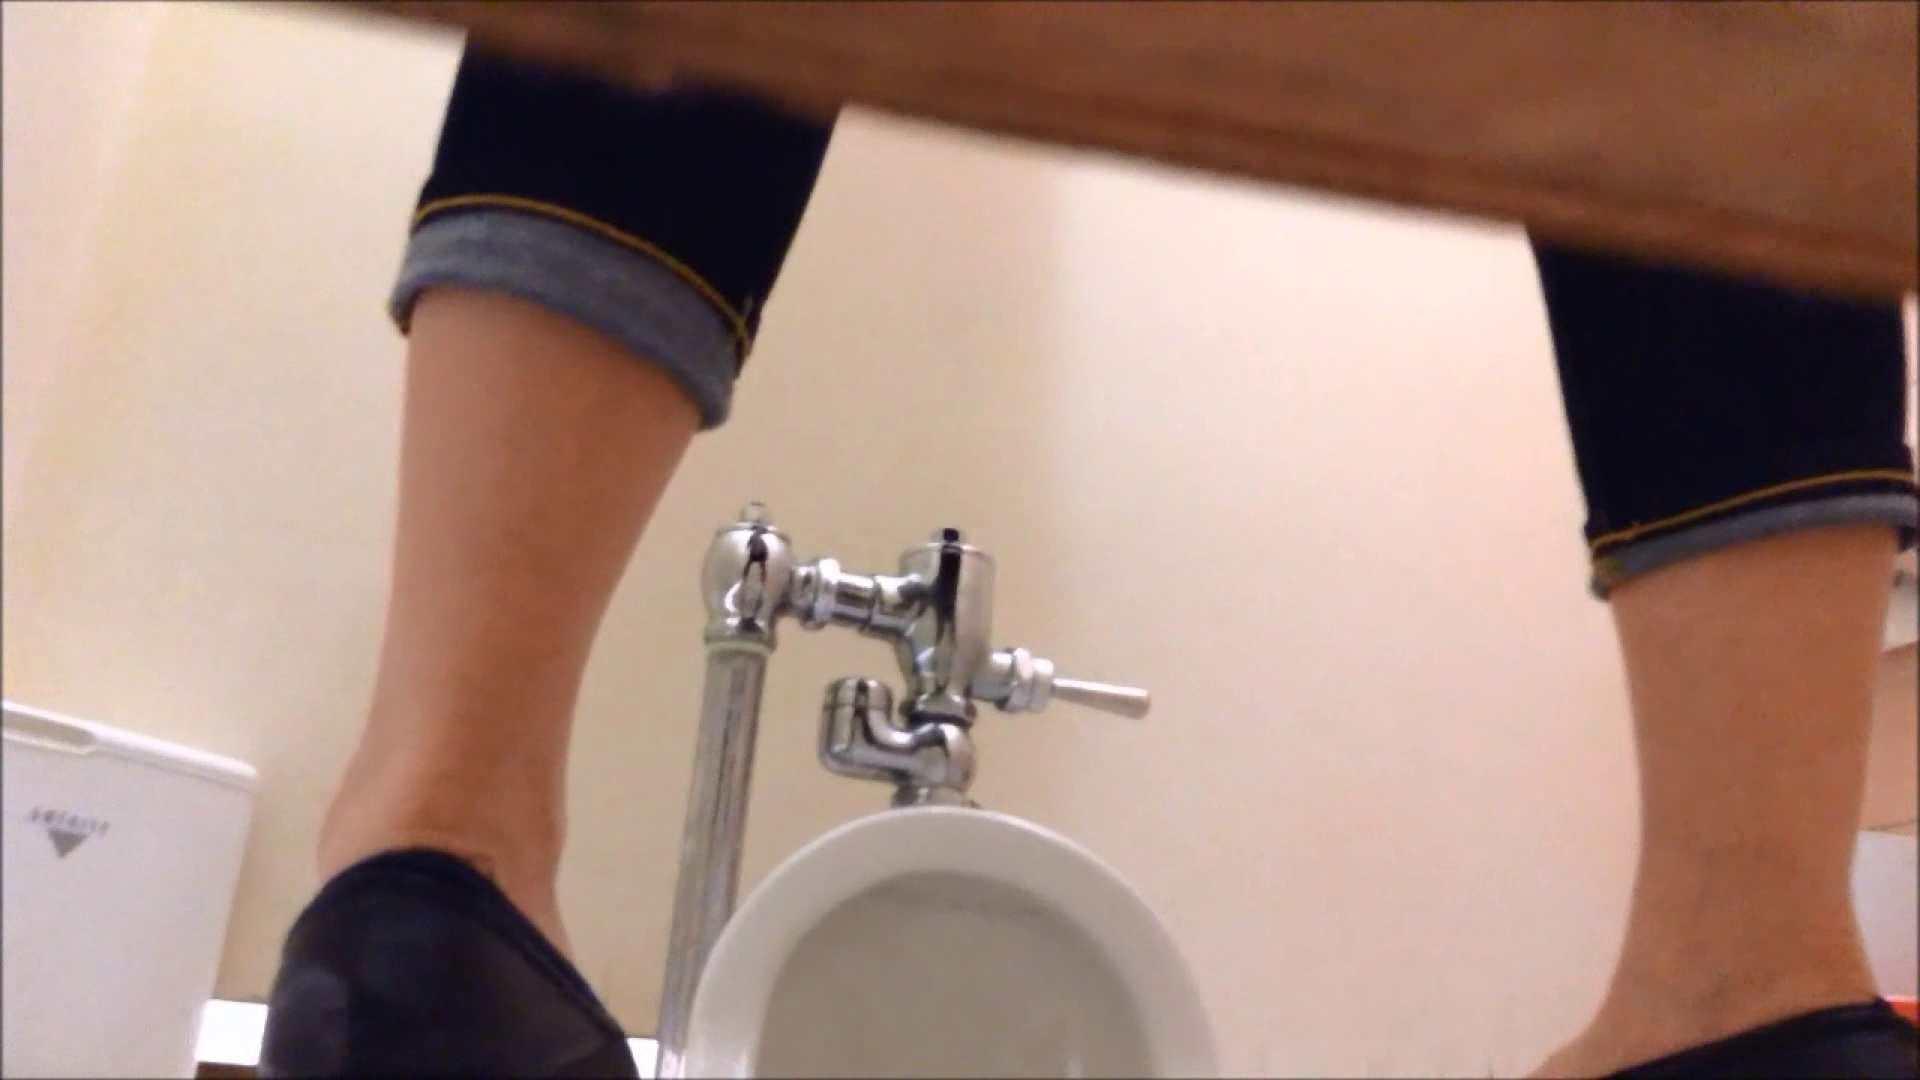 某有名大学女性洗面所 vol.17 排泄 | エッチすぎるOL達  107連発 49